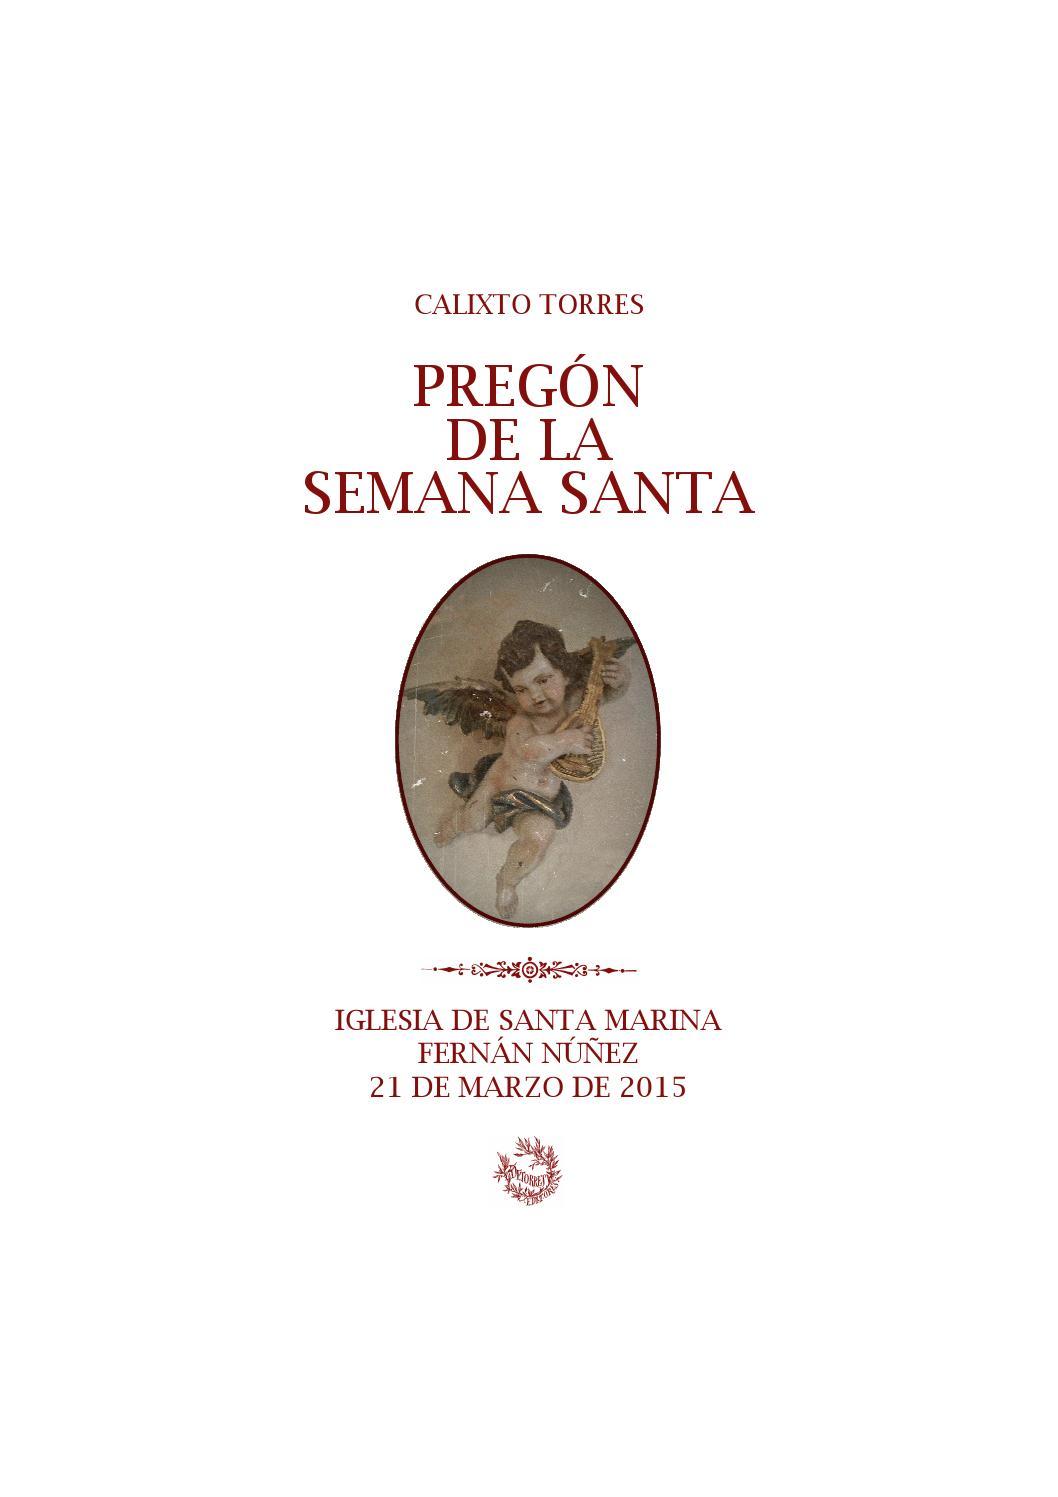 Pregon De La Semana Santa De Fernan Nunez 2015 Calixto Torres By